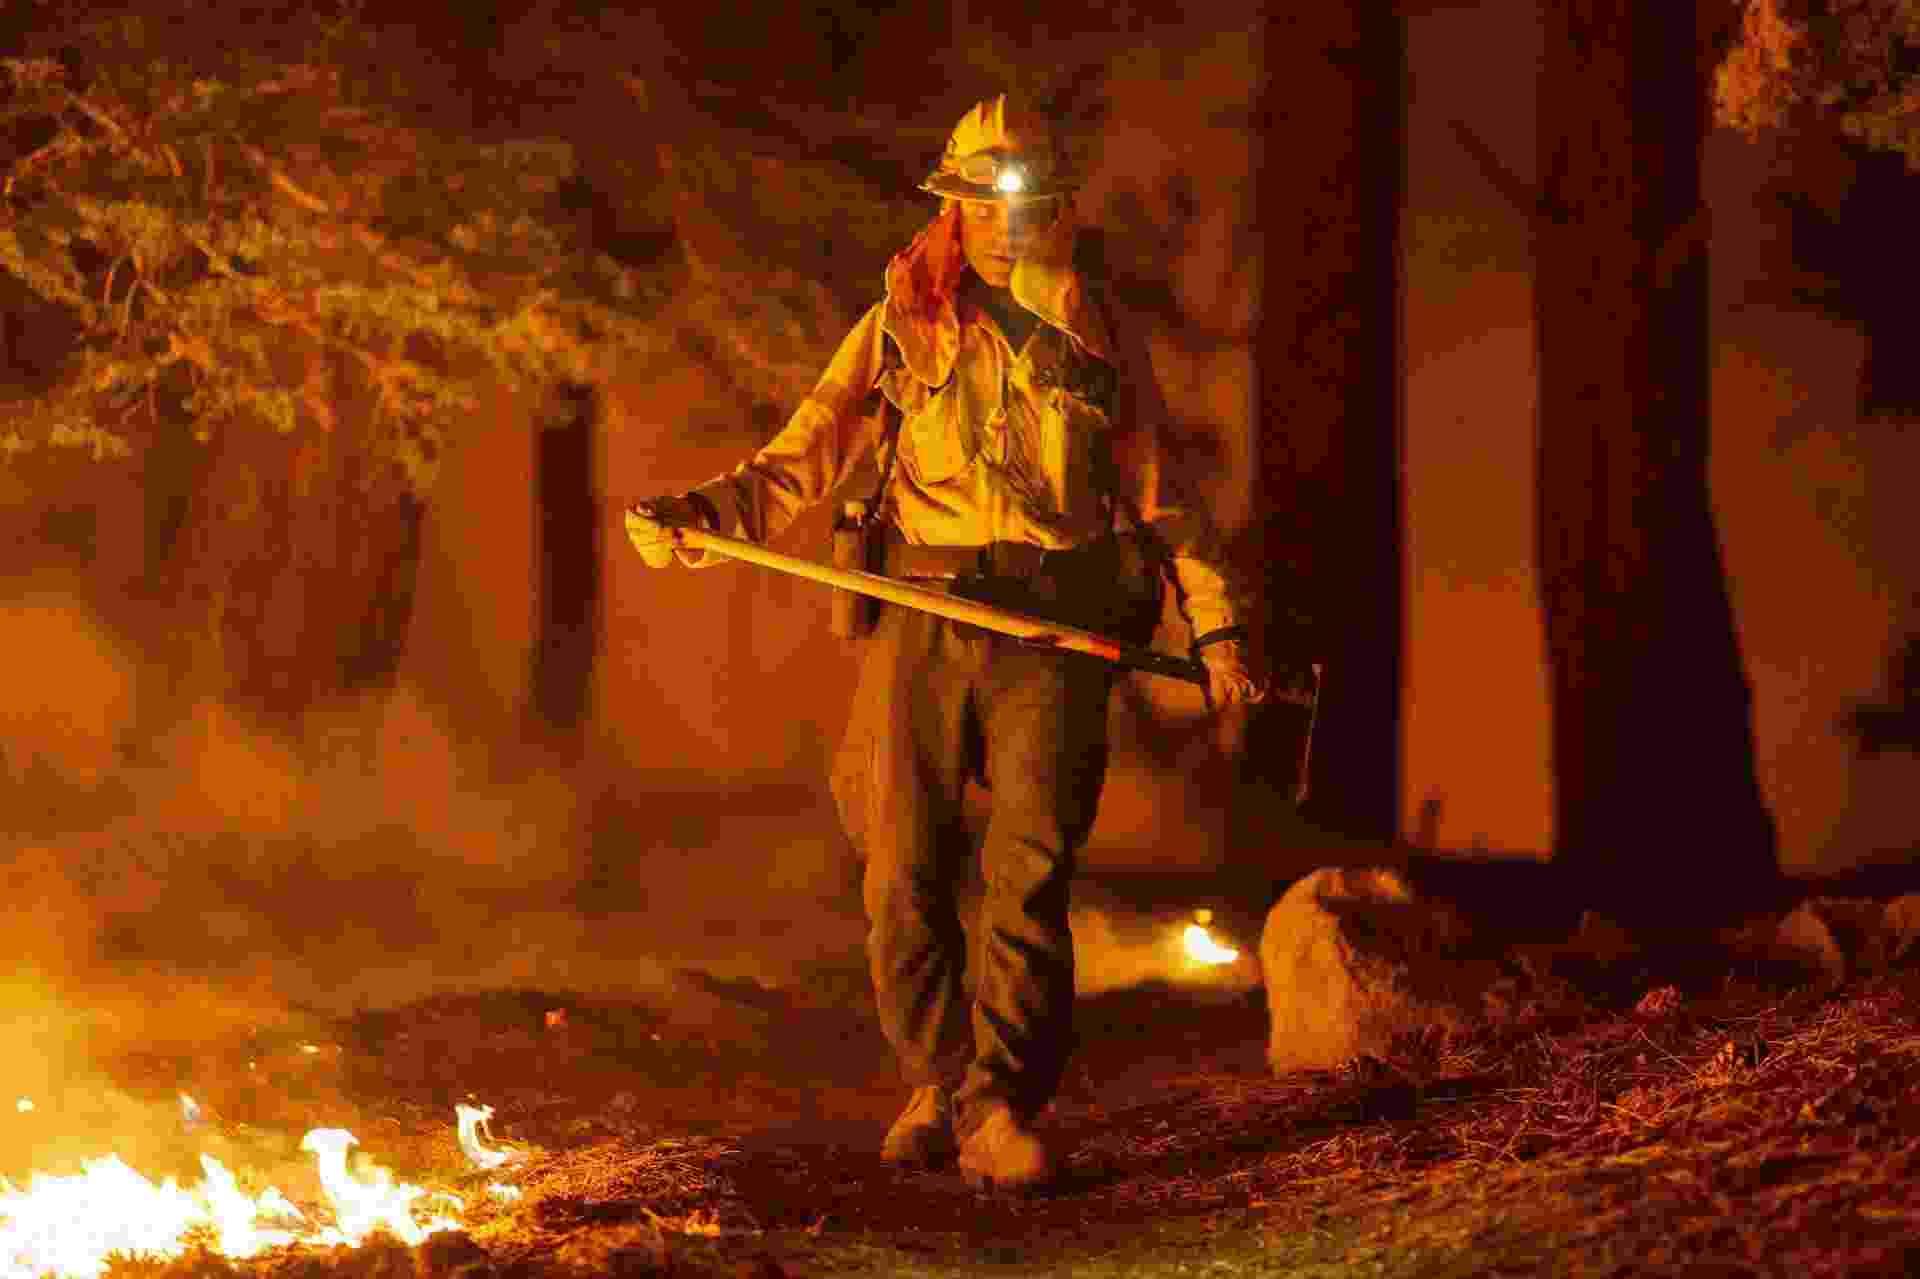 Bombeiro combate chamas na Floresta Nacional de Angeles, perto de Los Angeles, na Califórnia (EUA). Incêndios florestais bateram recorde este ano com 2,3 milhões de acres de terra incinerados - David McNew/Getty Images/AFP